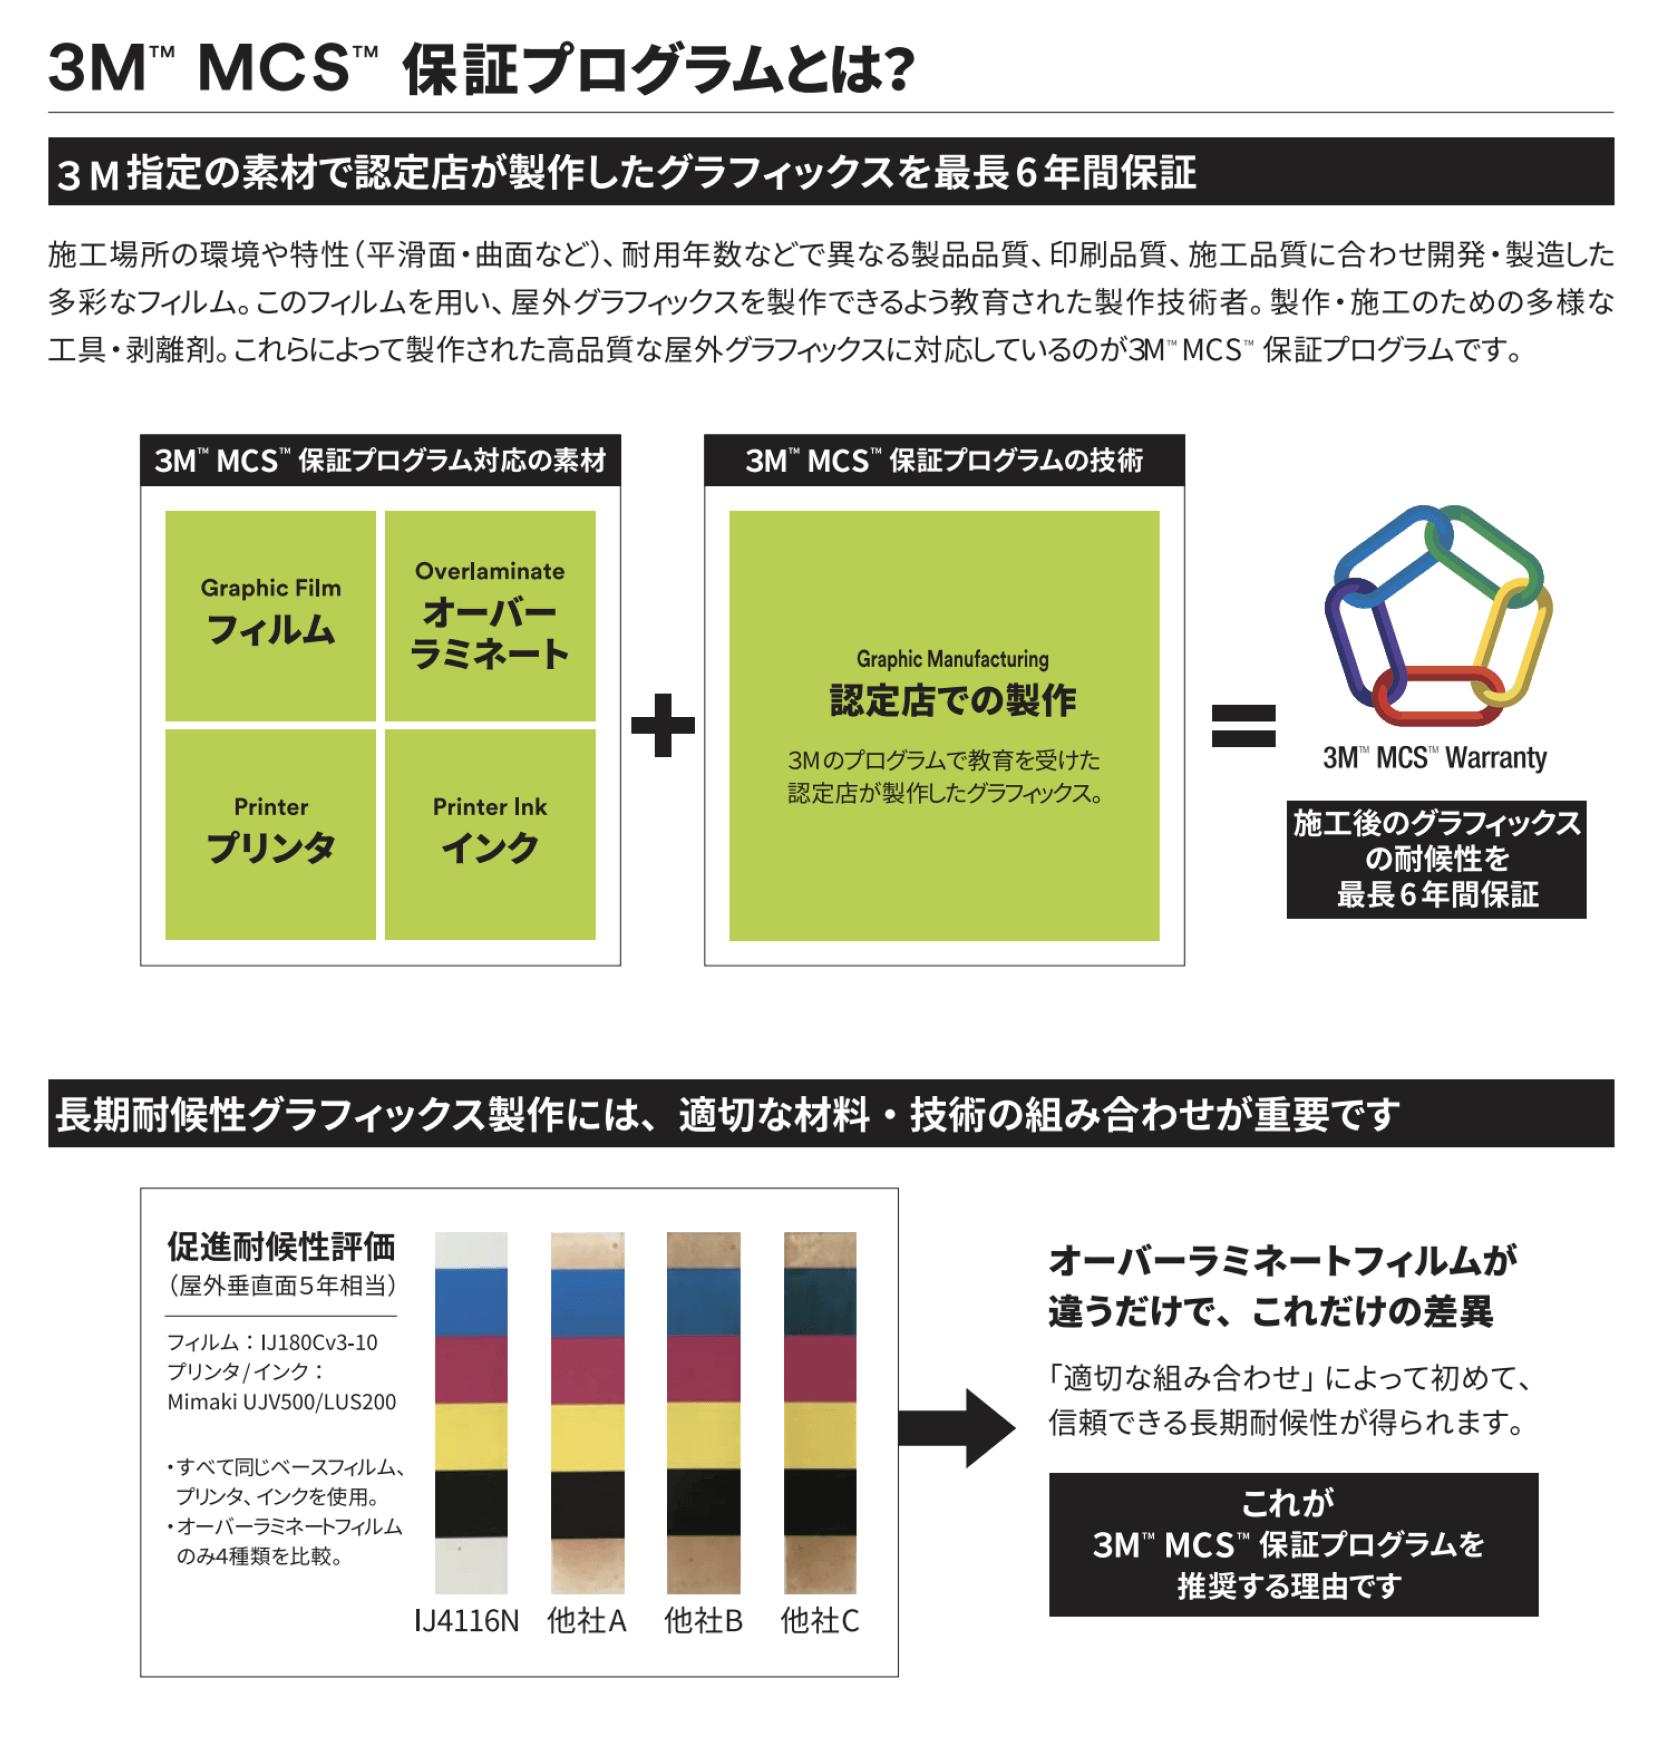 3M™ MCS™ 保証プログラムとは? 3M指定の素材で認定店が製作したグラフィックスを最長6年間保証します。長期耐候性グラフィックス製作には、適切な材料・技術の組み合わせが必要です。